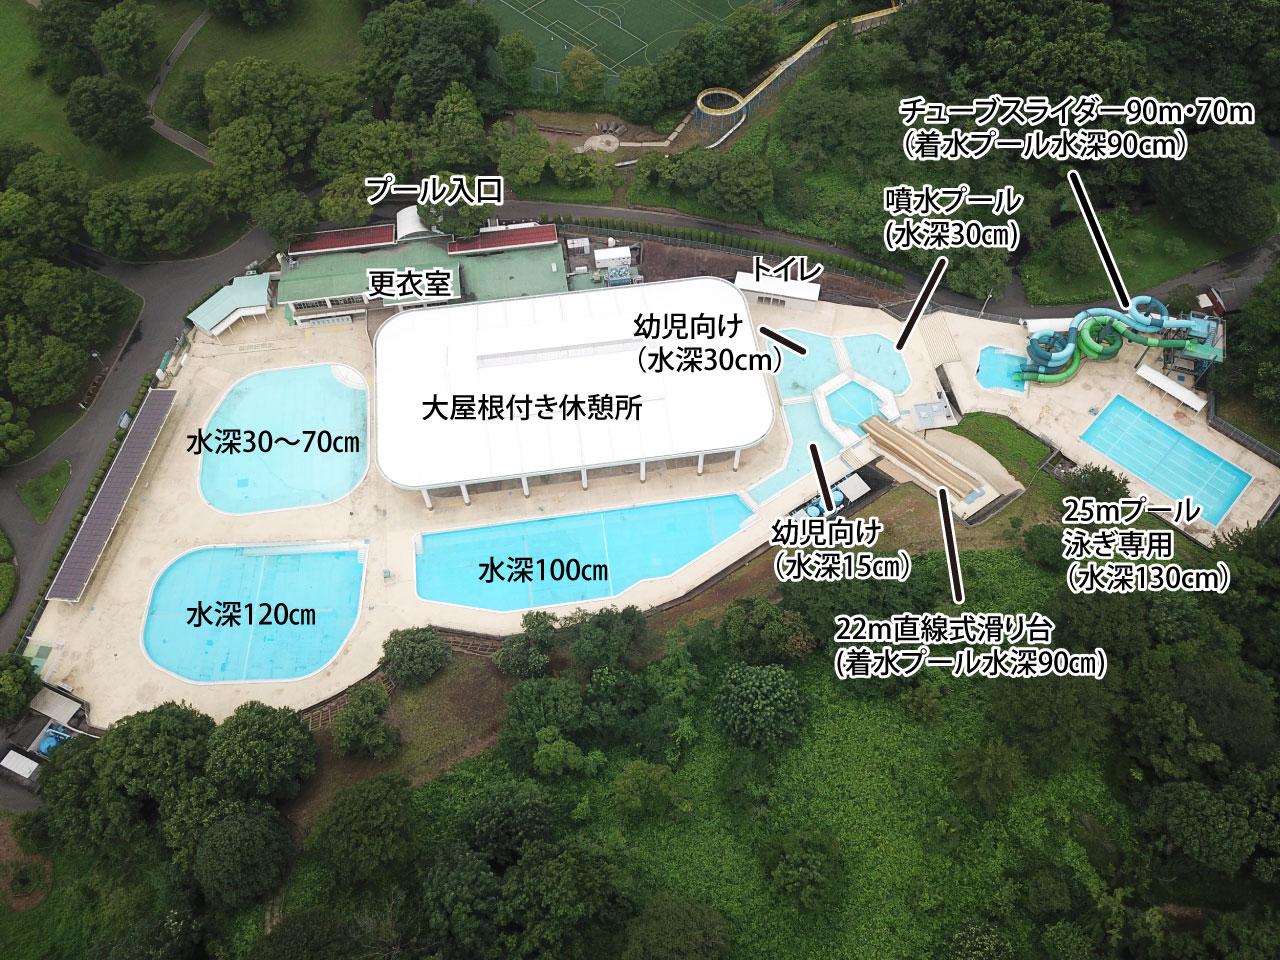 【こどもの国】プールの見取り図